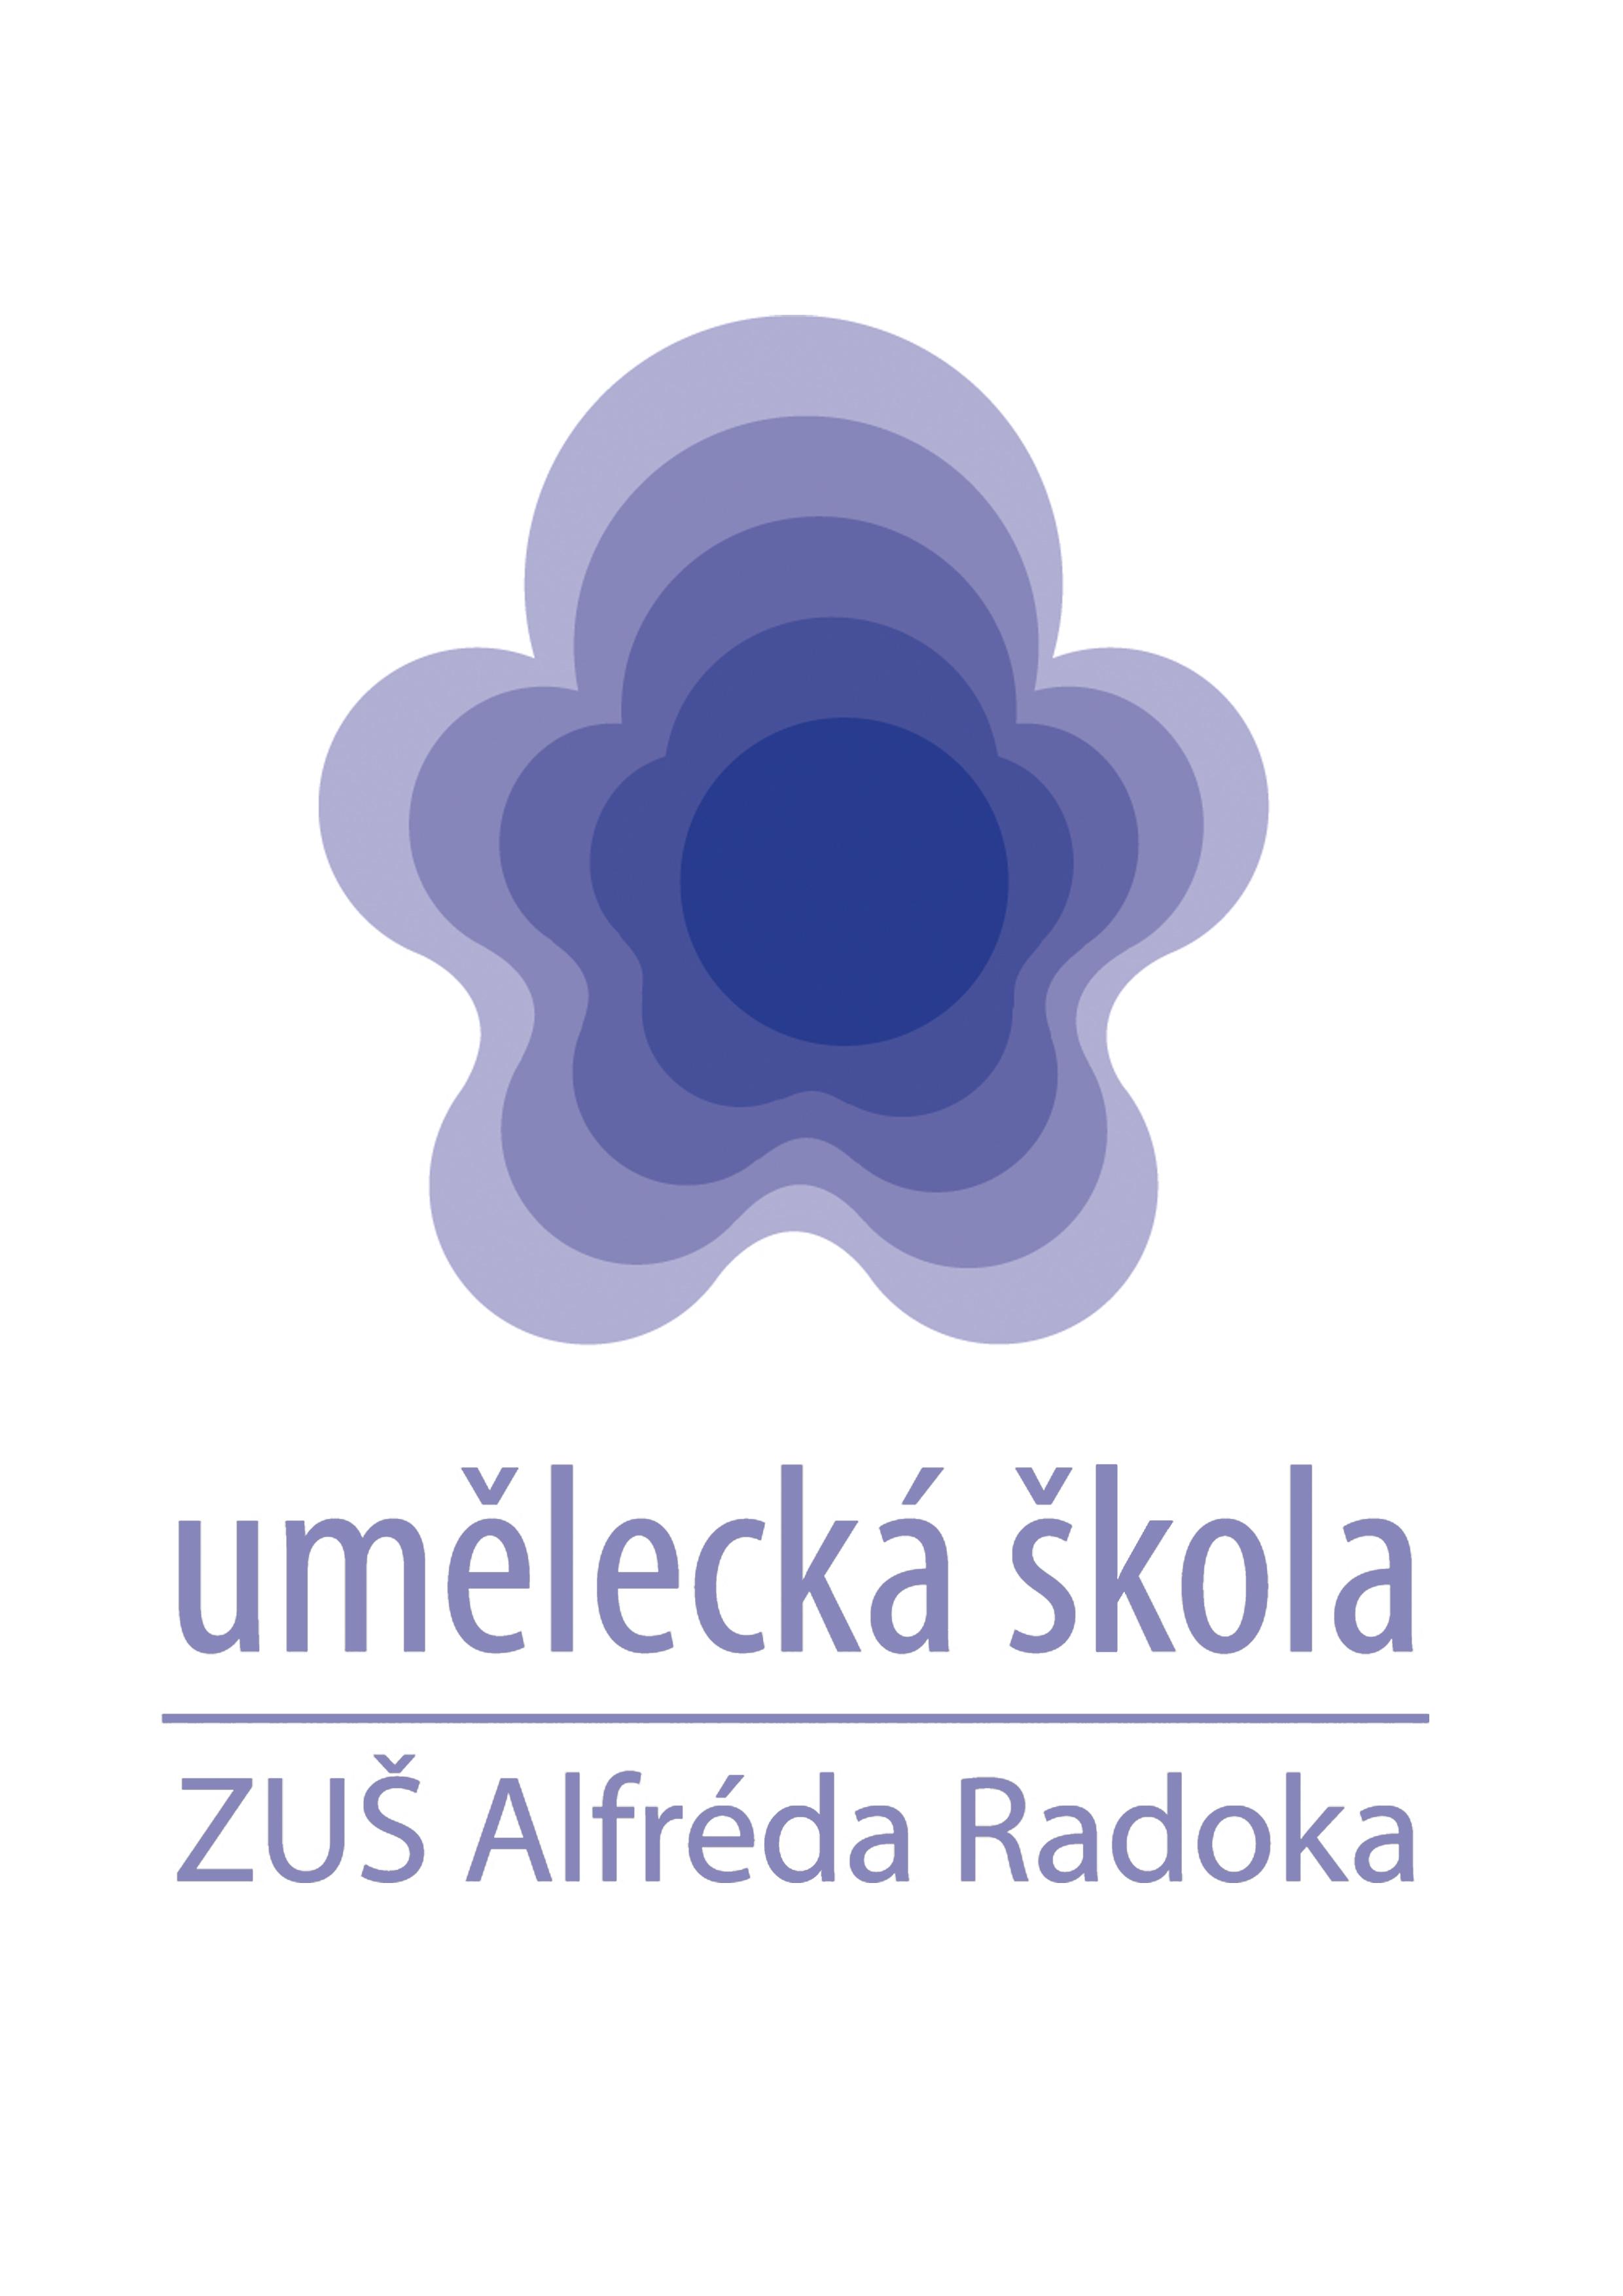 http://www.zus-vm.cz/